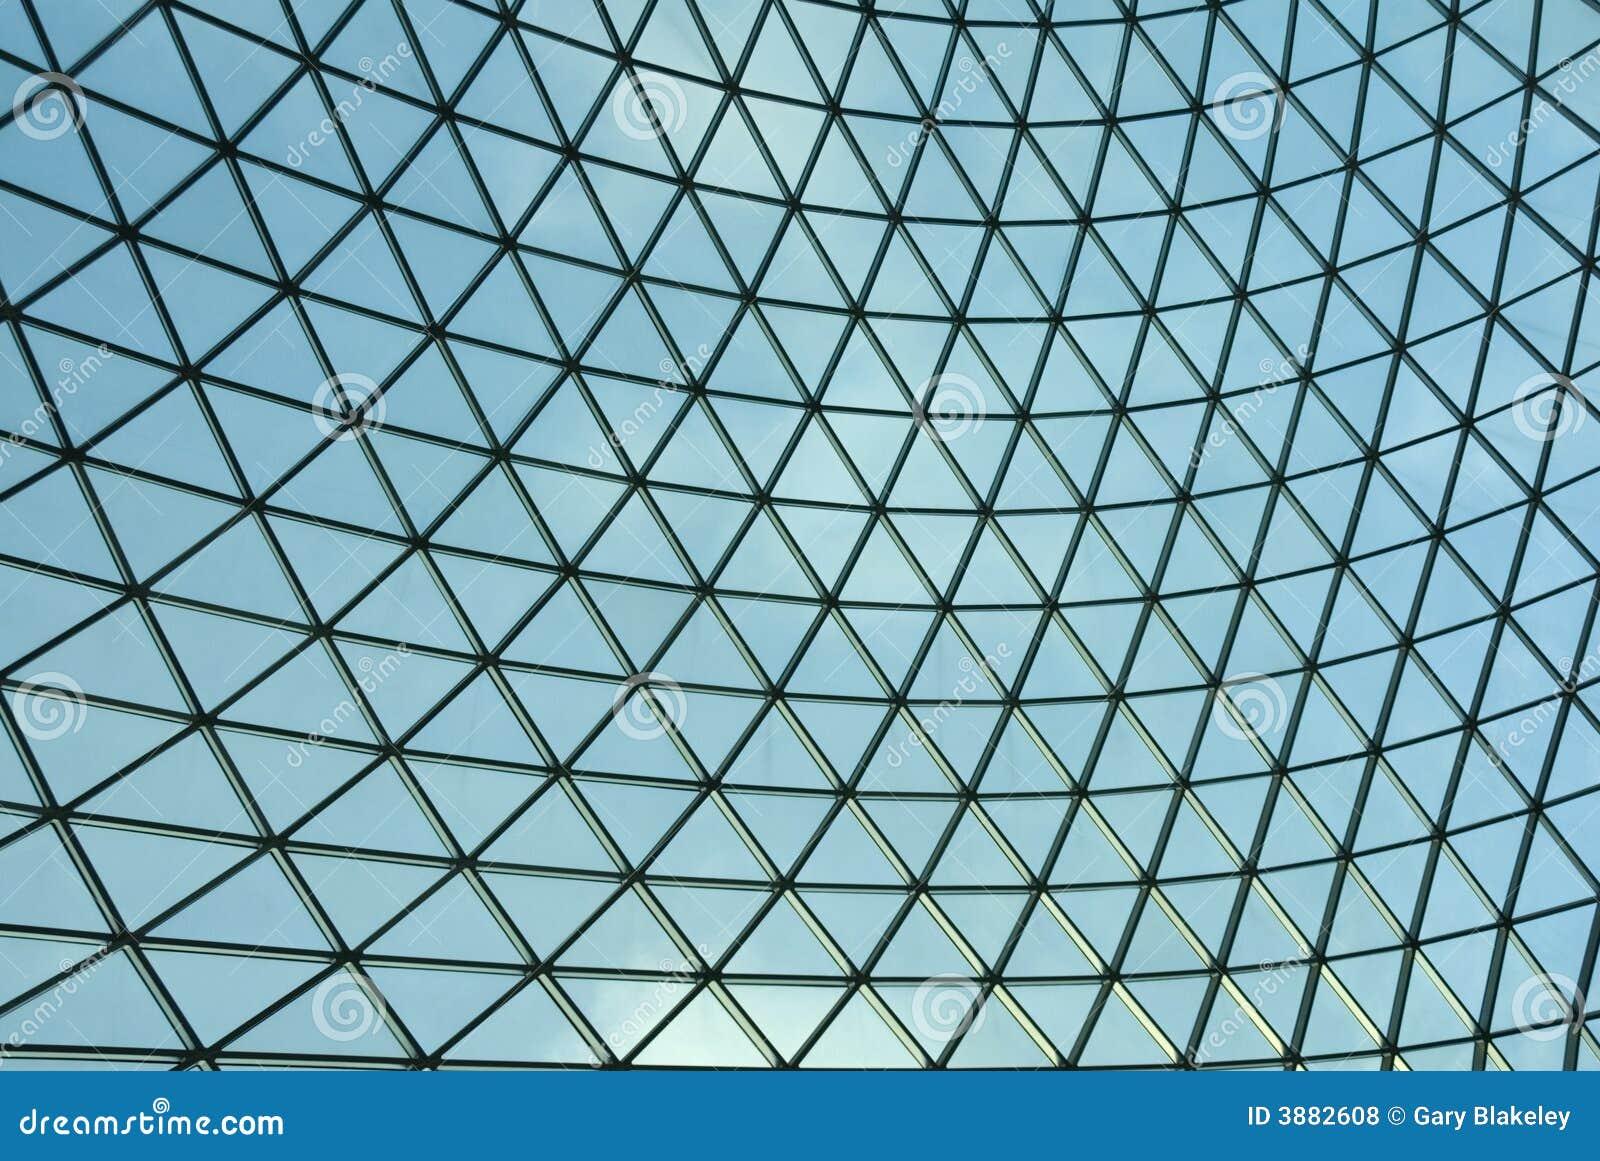 Griglia di vetro verde